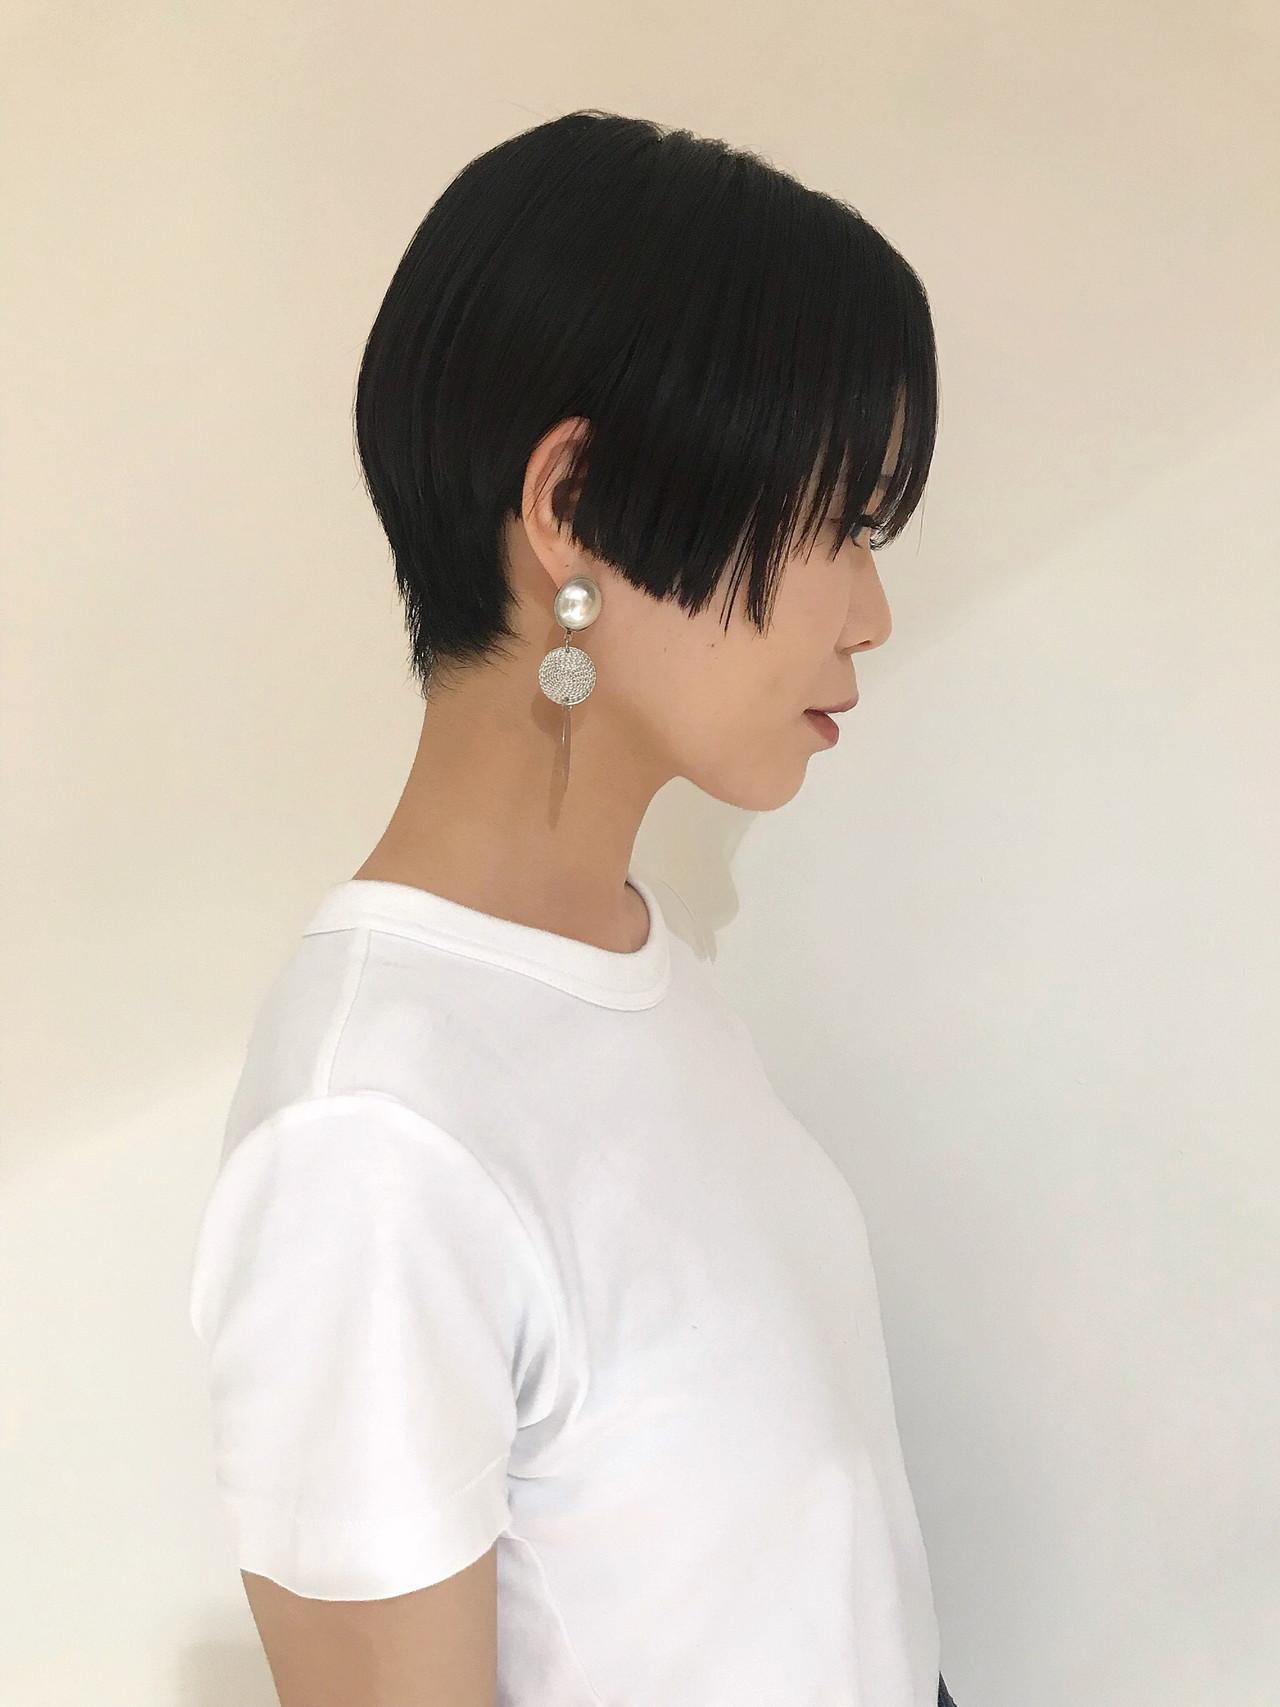 抜け感 ショートヘア ハンサムショート ストレート ヘアスタイルや髪型の写真・画像